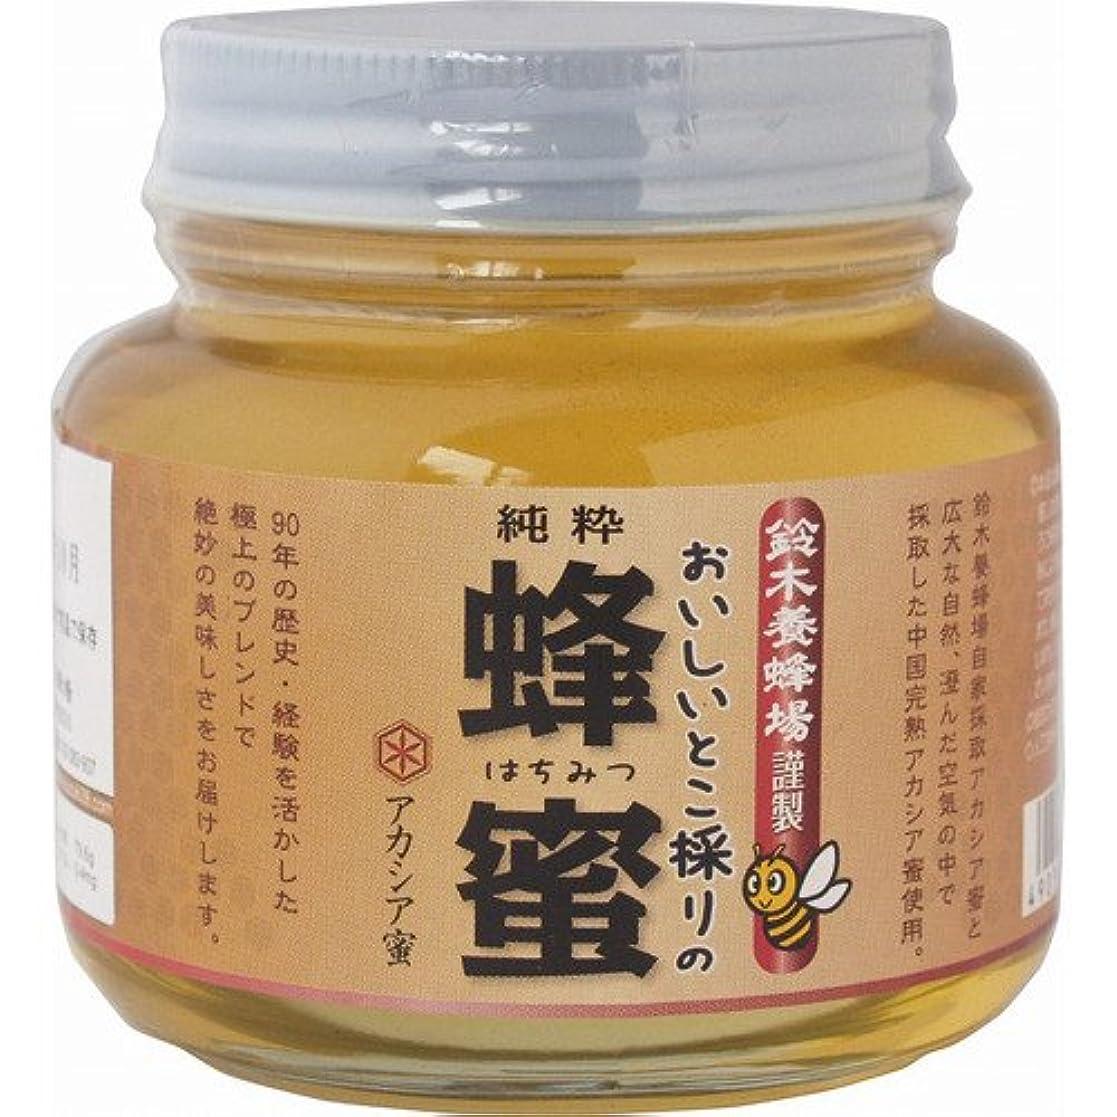 ひも動揺させる重くする鈴木養蜂場 おいしいとこ採り蜂蜜アカシア 450g